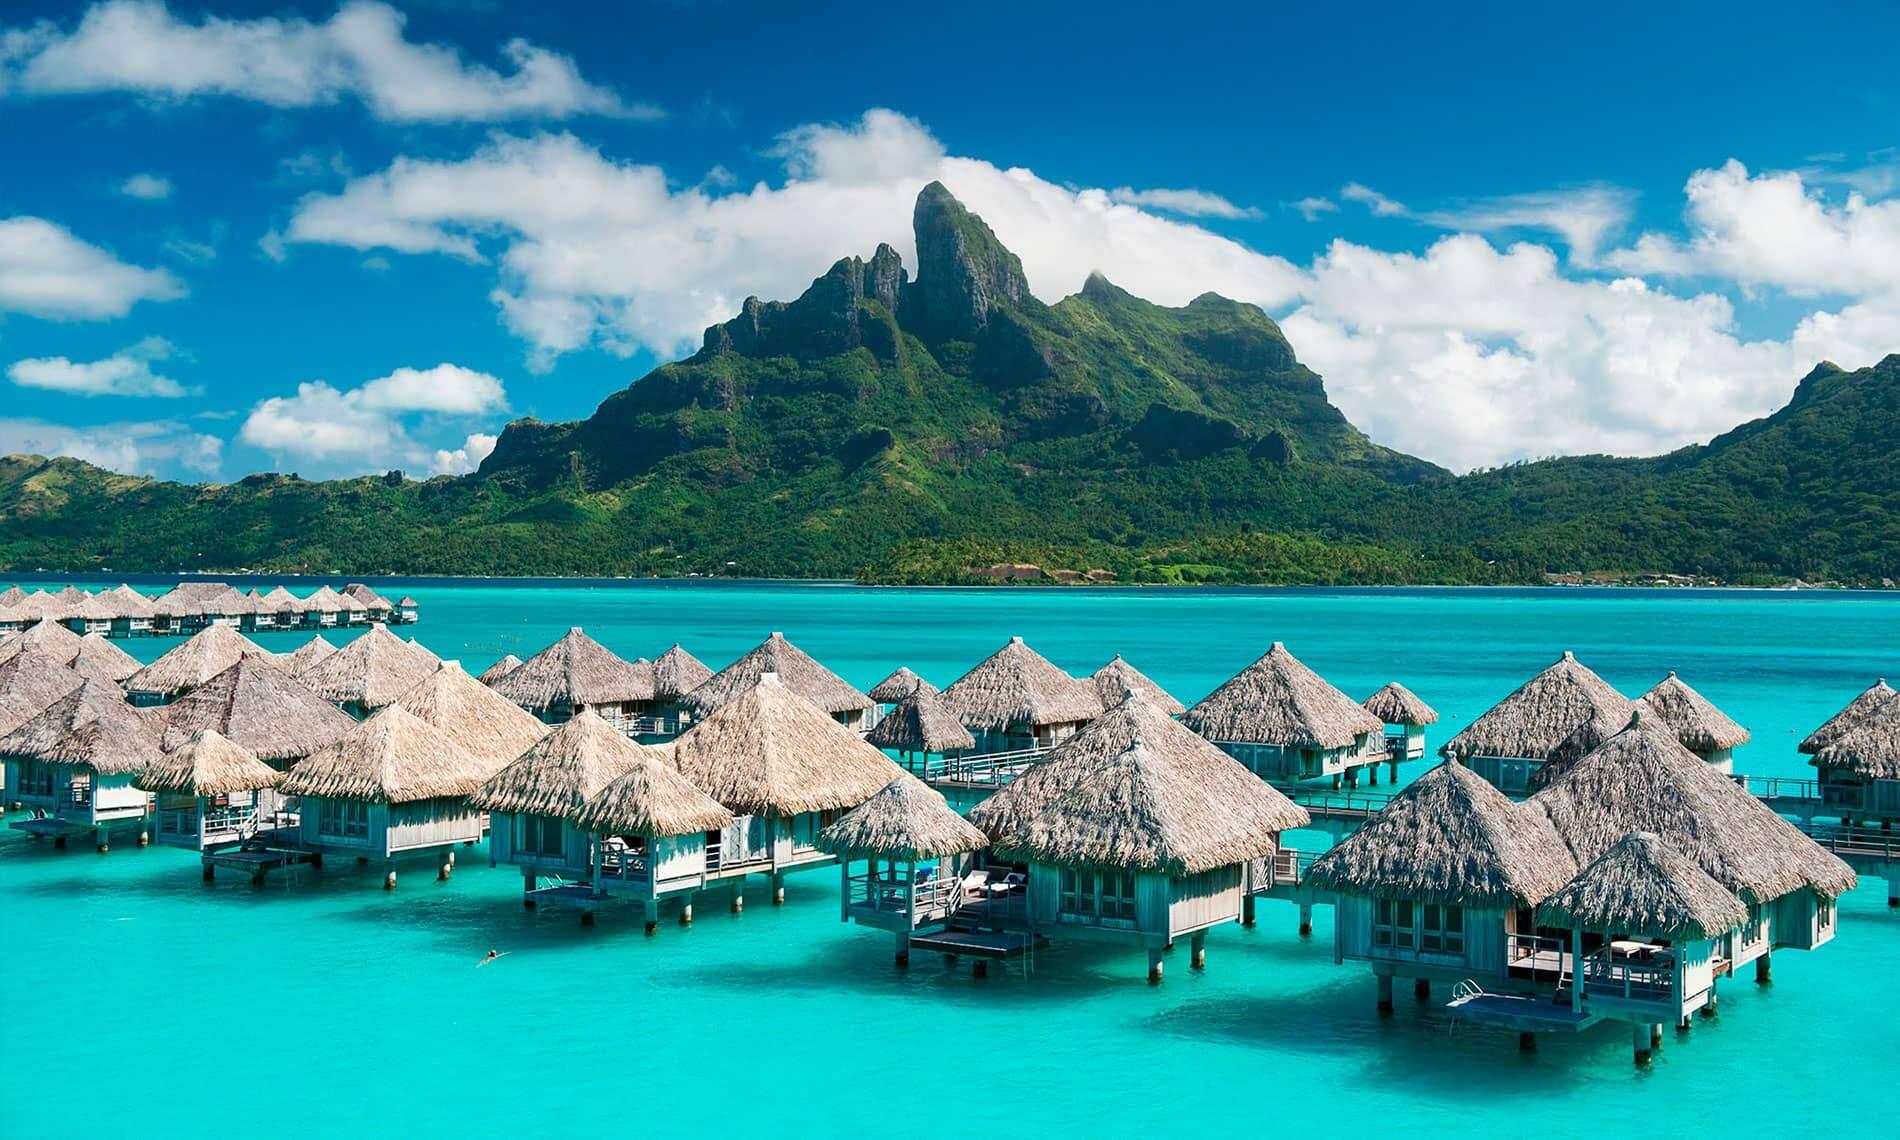 pacotes de viagem tahiti 1 1